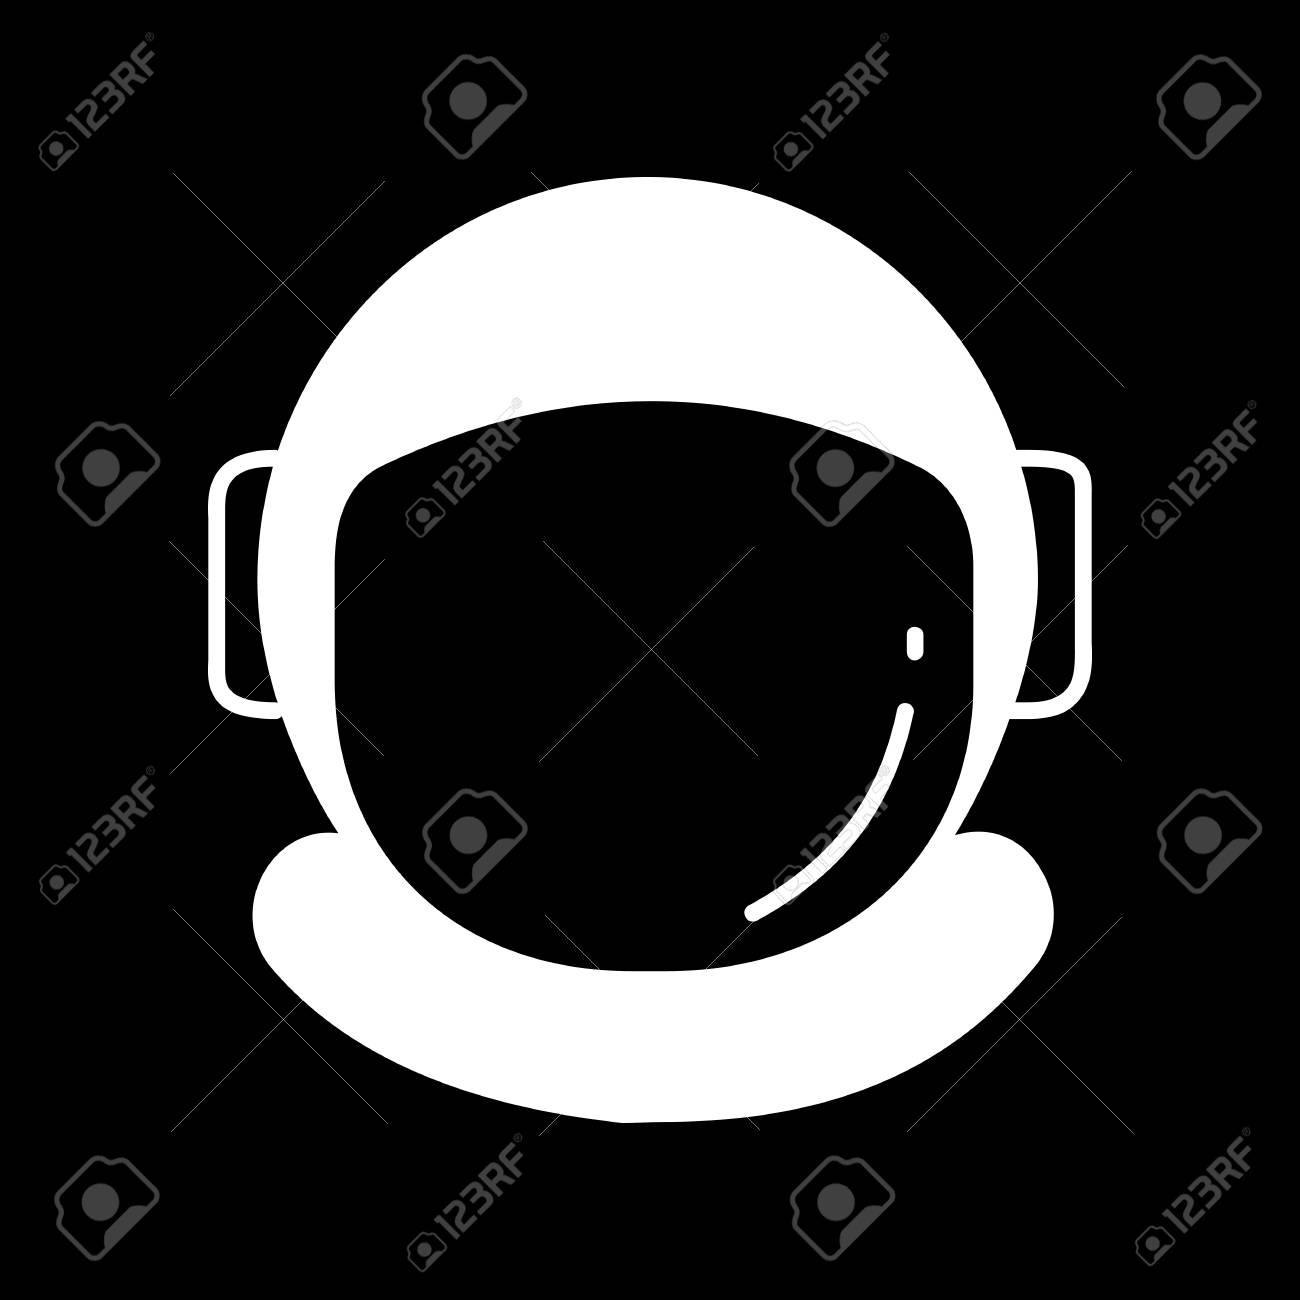 astronaut helmet icon silhouette astronaut helmet vector icon